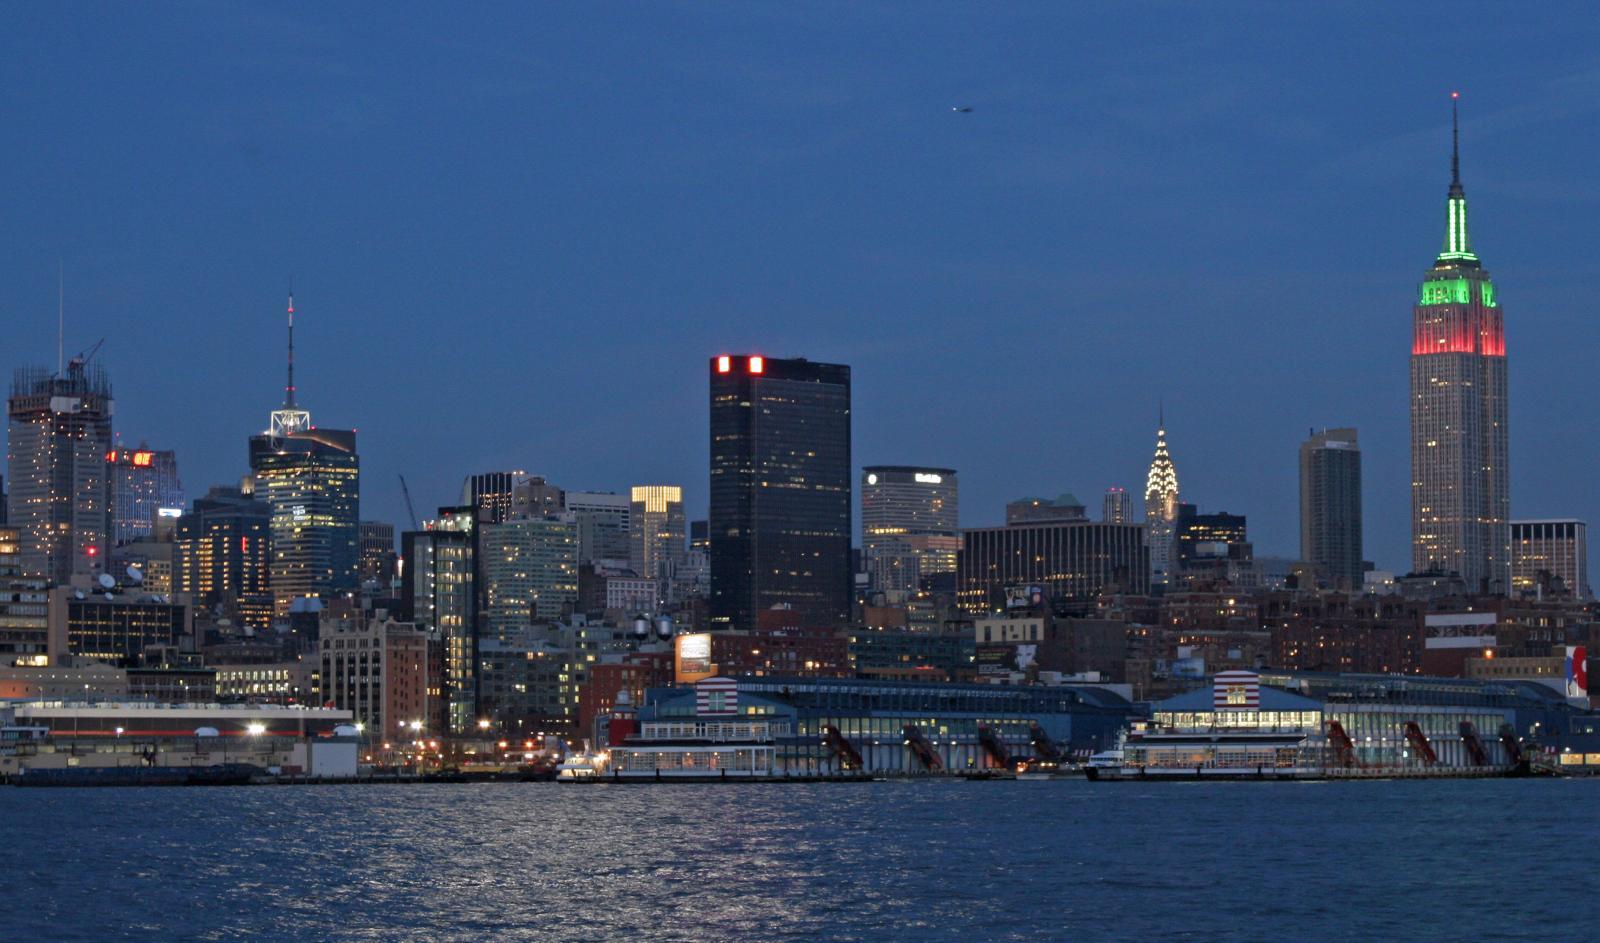 Crucero de Nochebuena en Nueva York: Bateaux